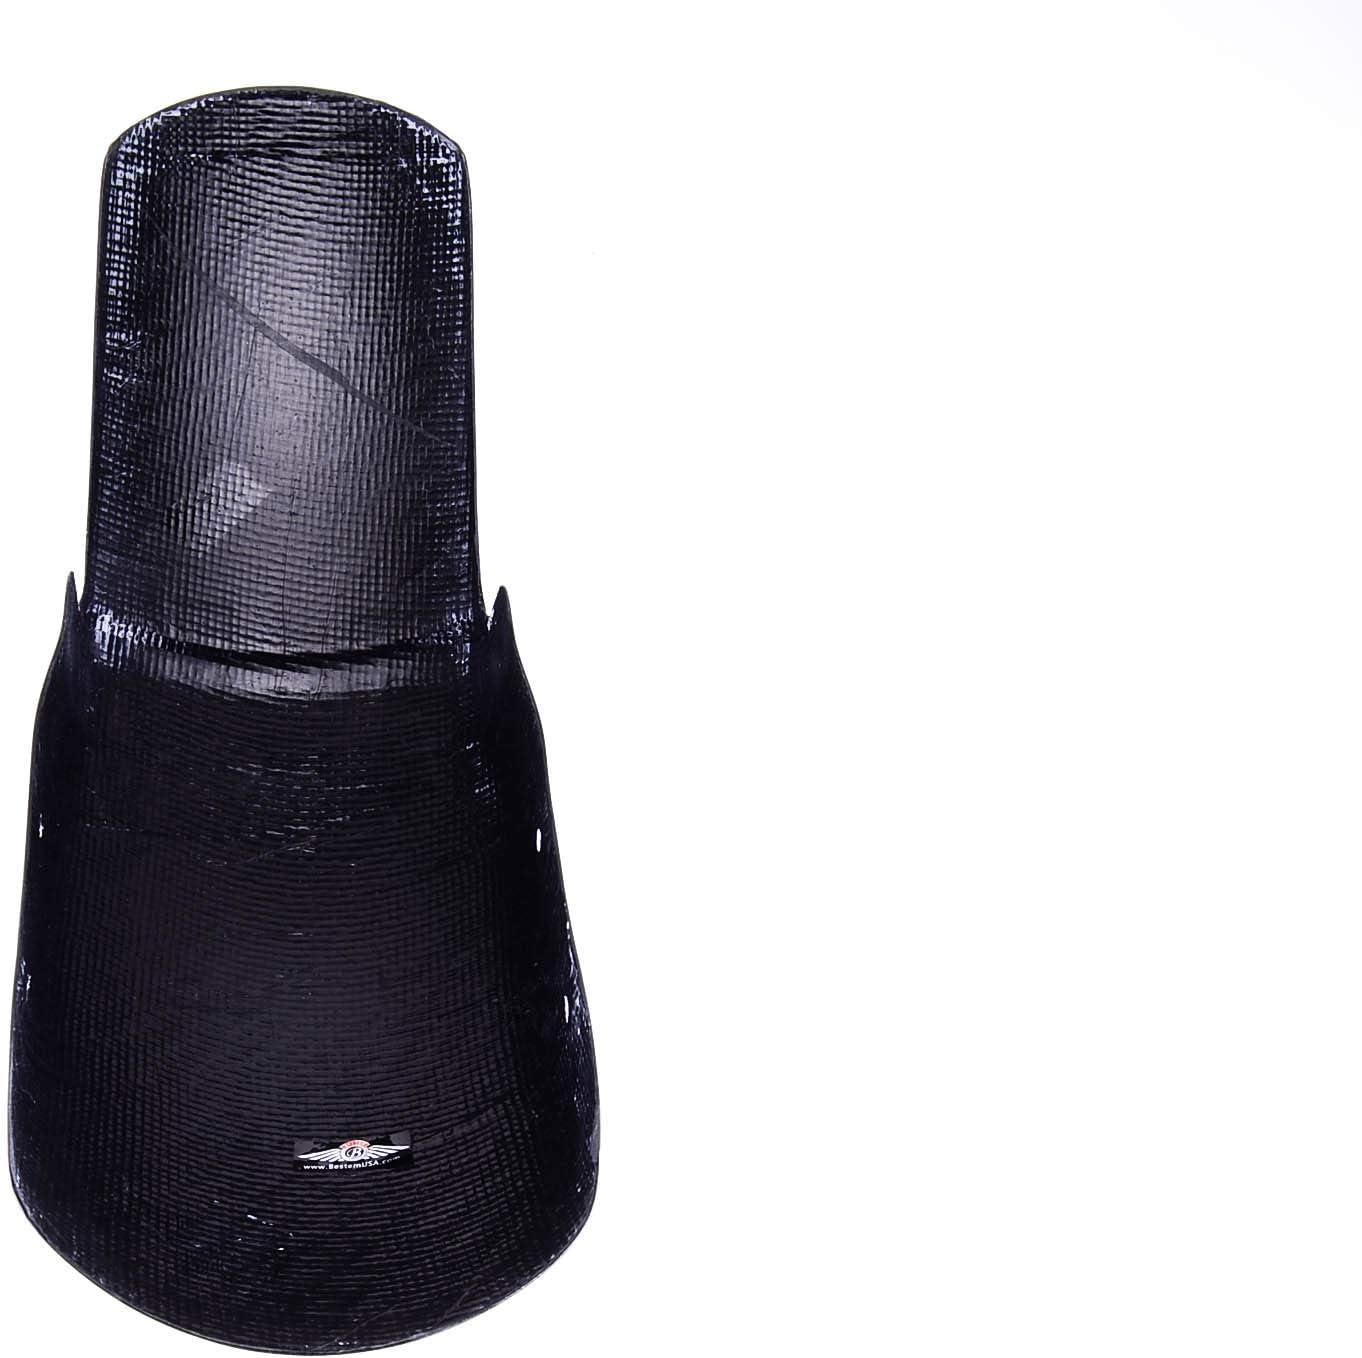 Black Carbon Fiber Front Fender for Harley Davidson VRSCF V-Rod Muscle Bestem CBHD-VRSCF-FFD